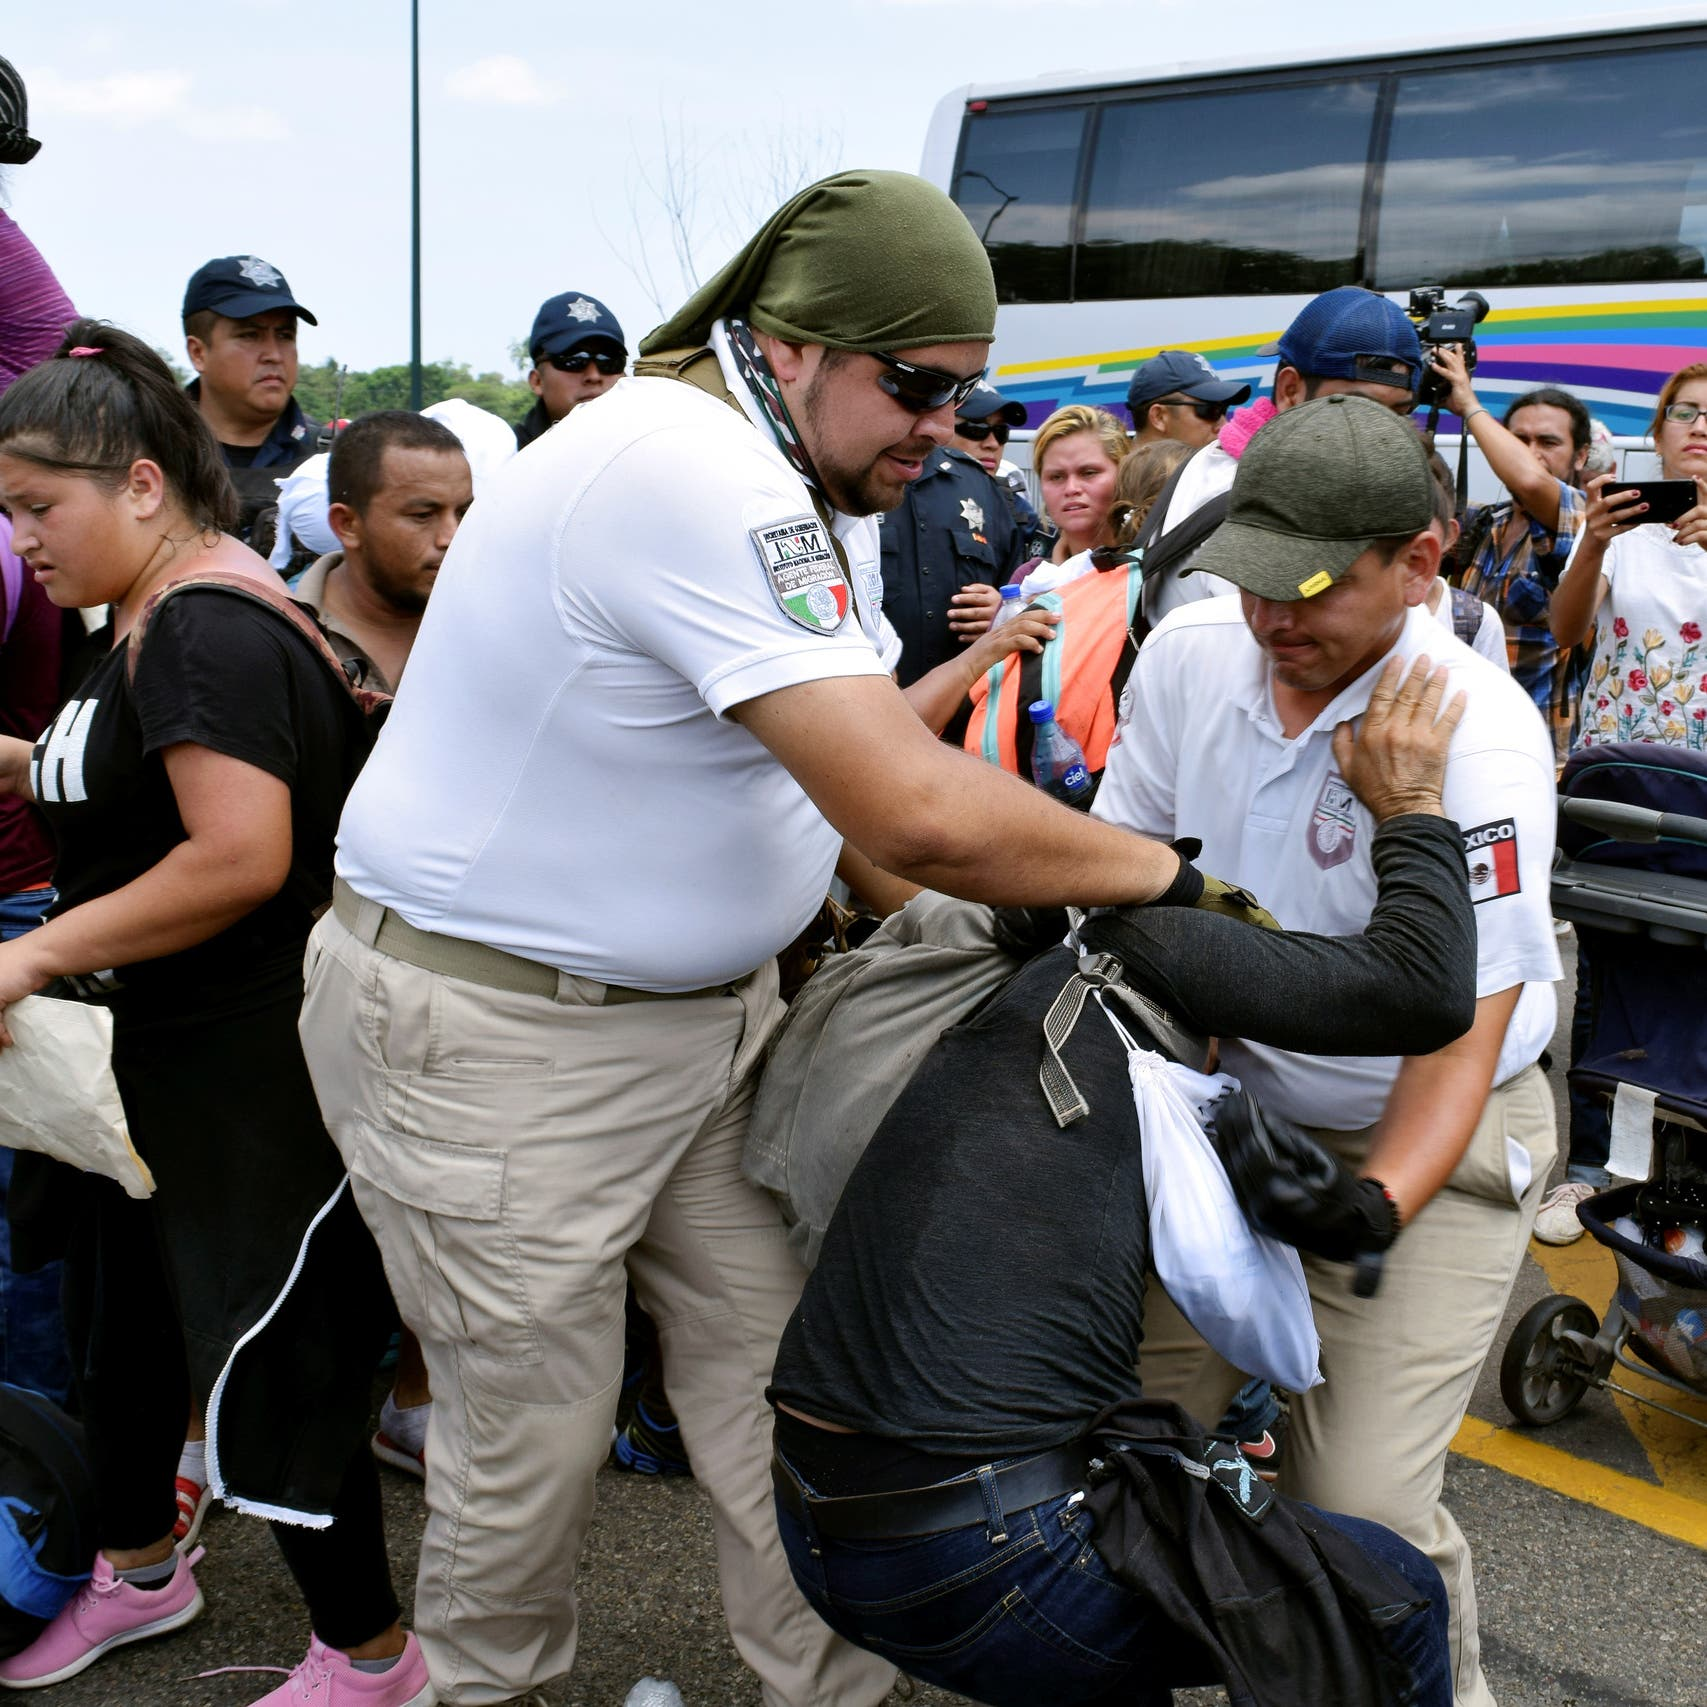 ترمب: فليبق المهاجرون ببلدهم إن لم تعجبهم مراكزنا